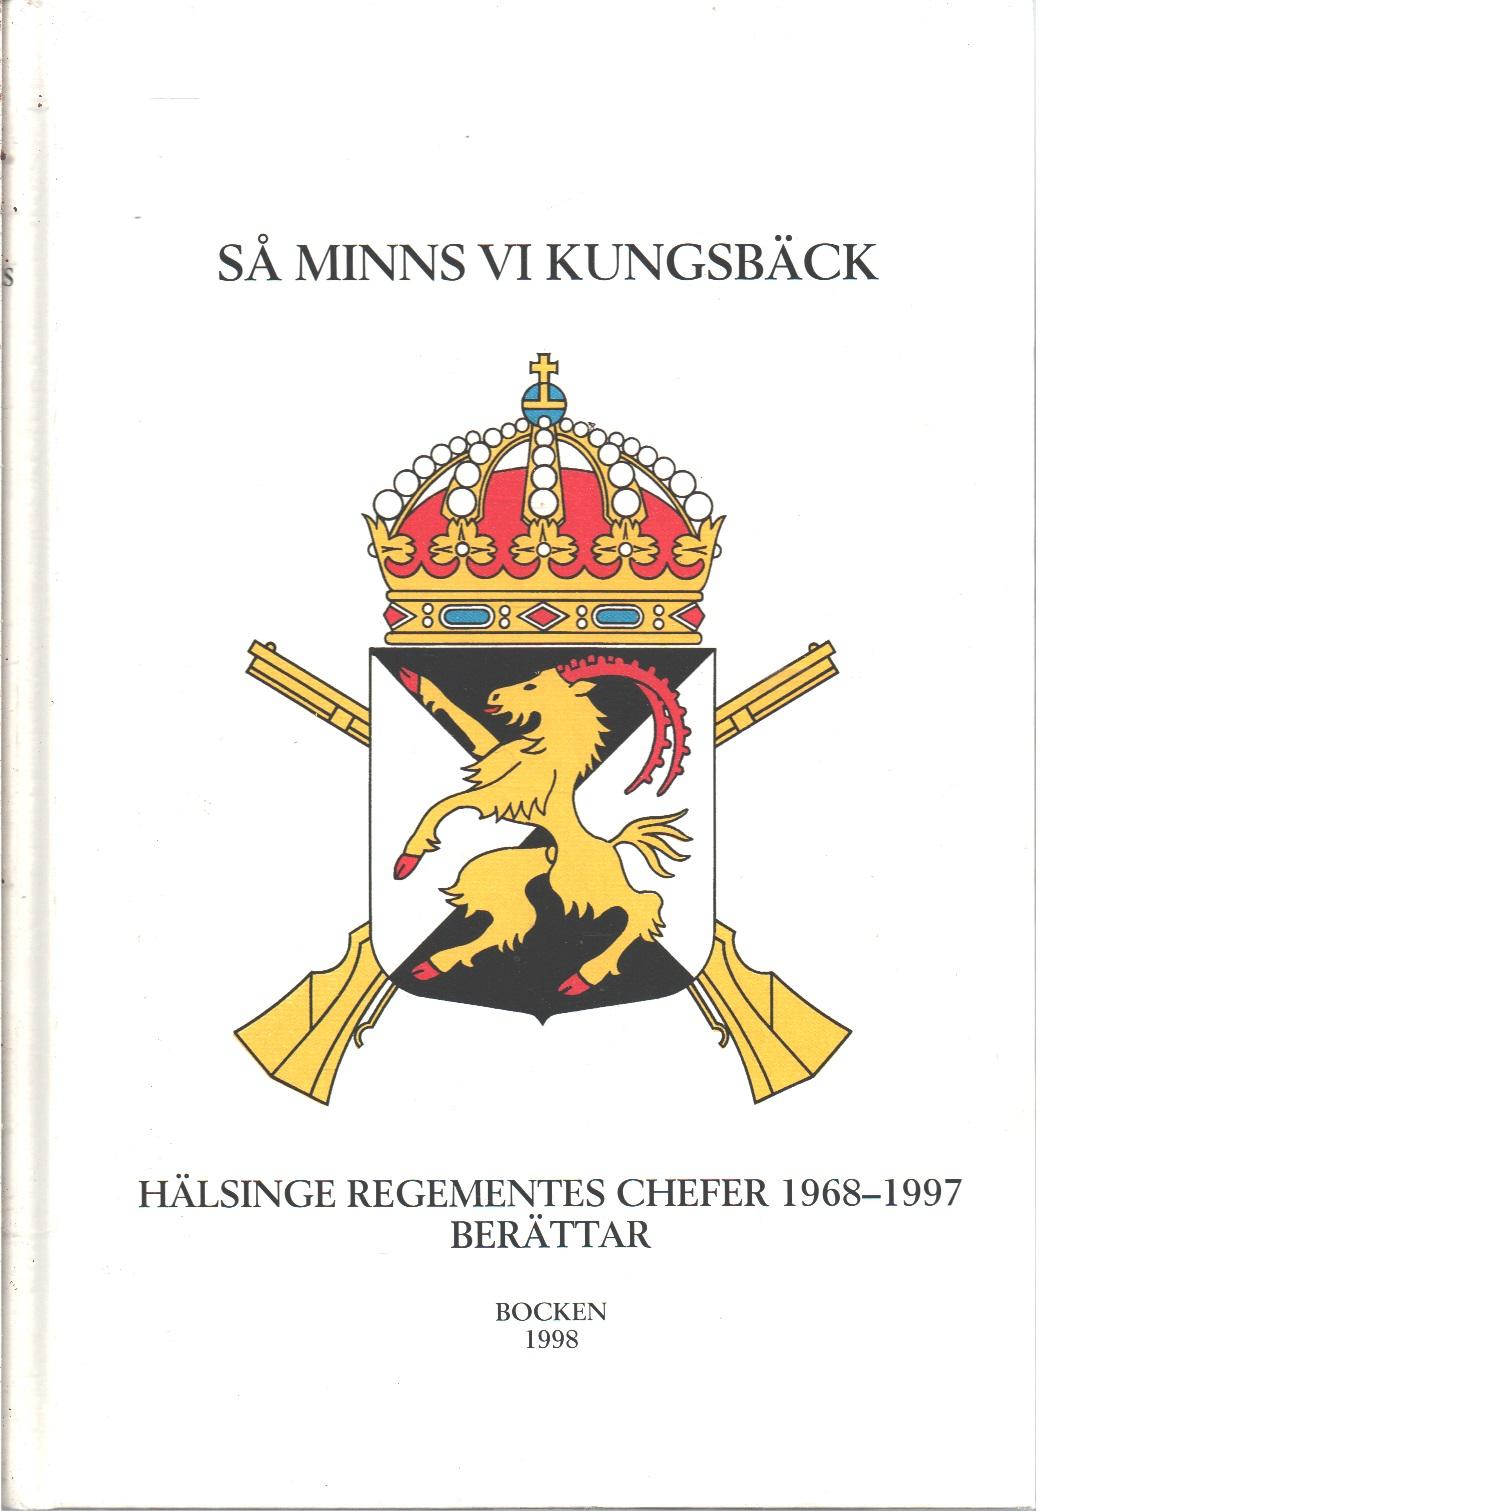 Så minns vi Kungsbäck : Hälsinge regementes chefer 1968-1997 berättar  - Red. Björkenstam, Knut